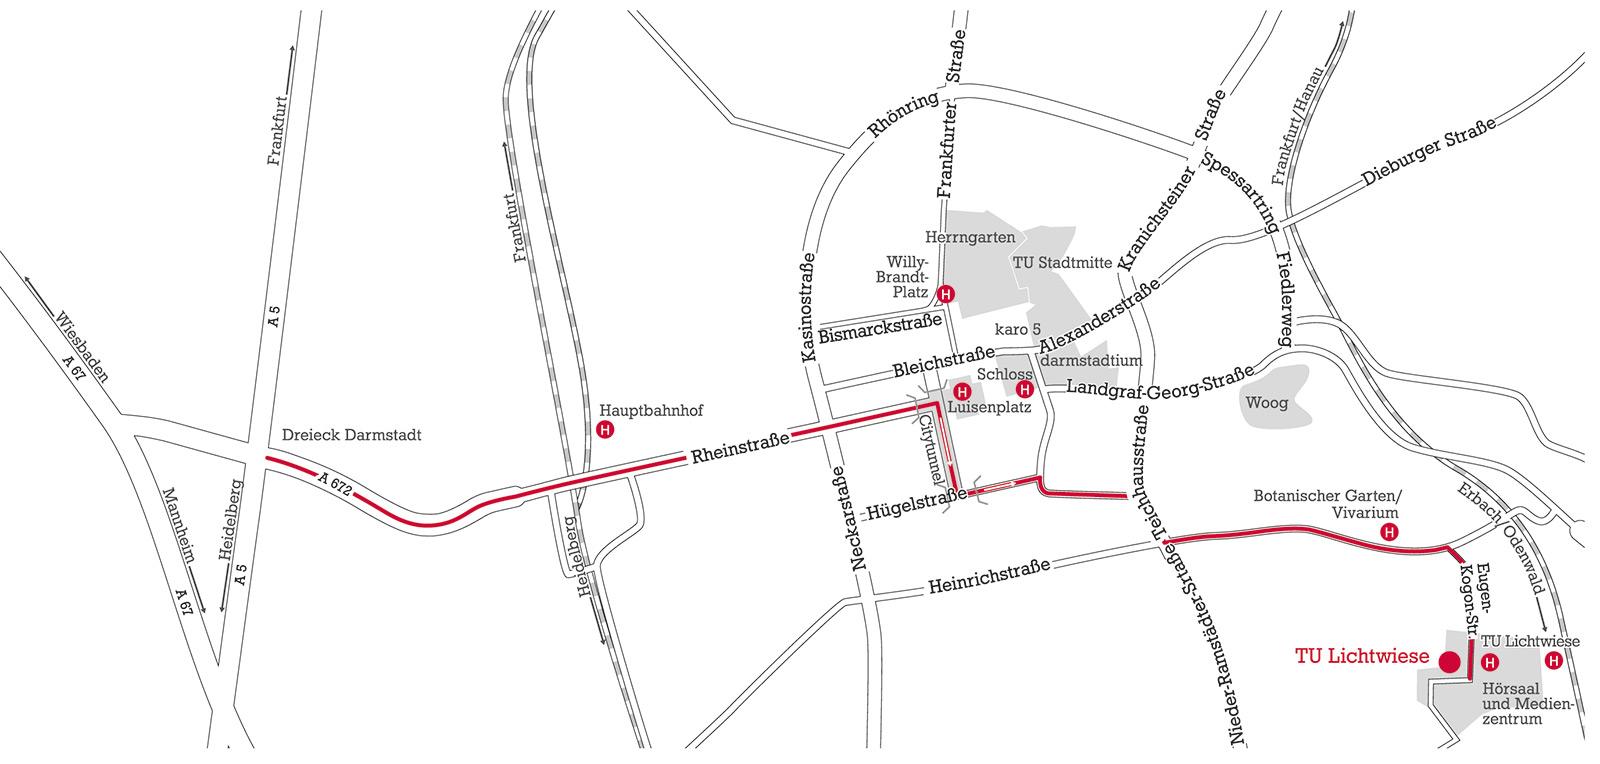 How to get to TU Darmstadt Technische Universitt Darmstadt